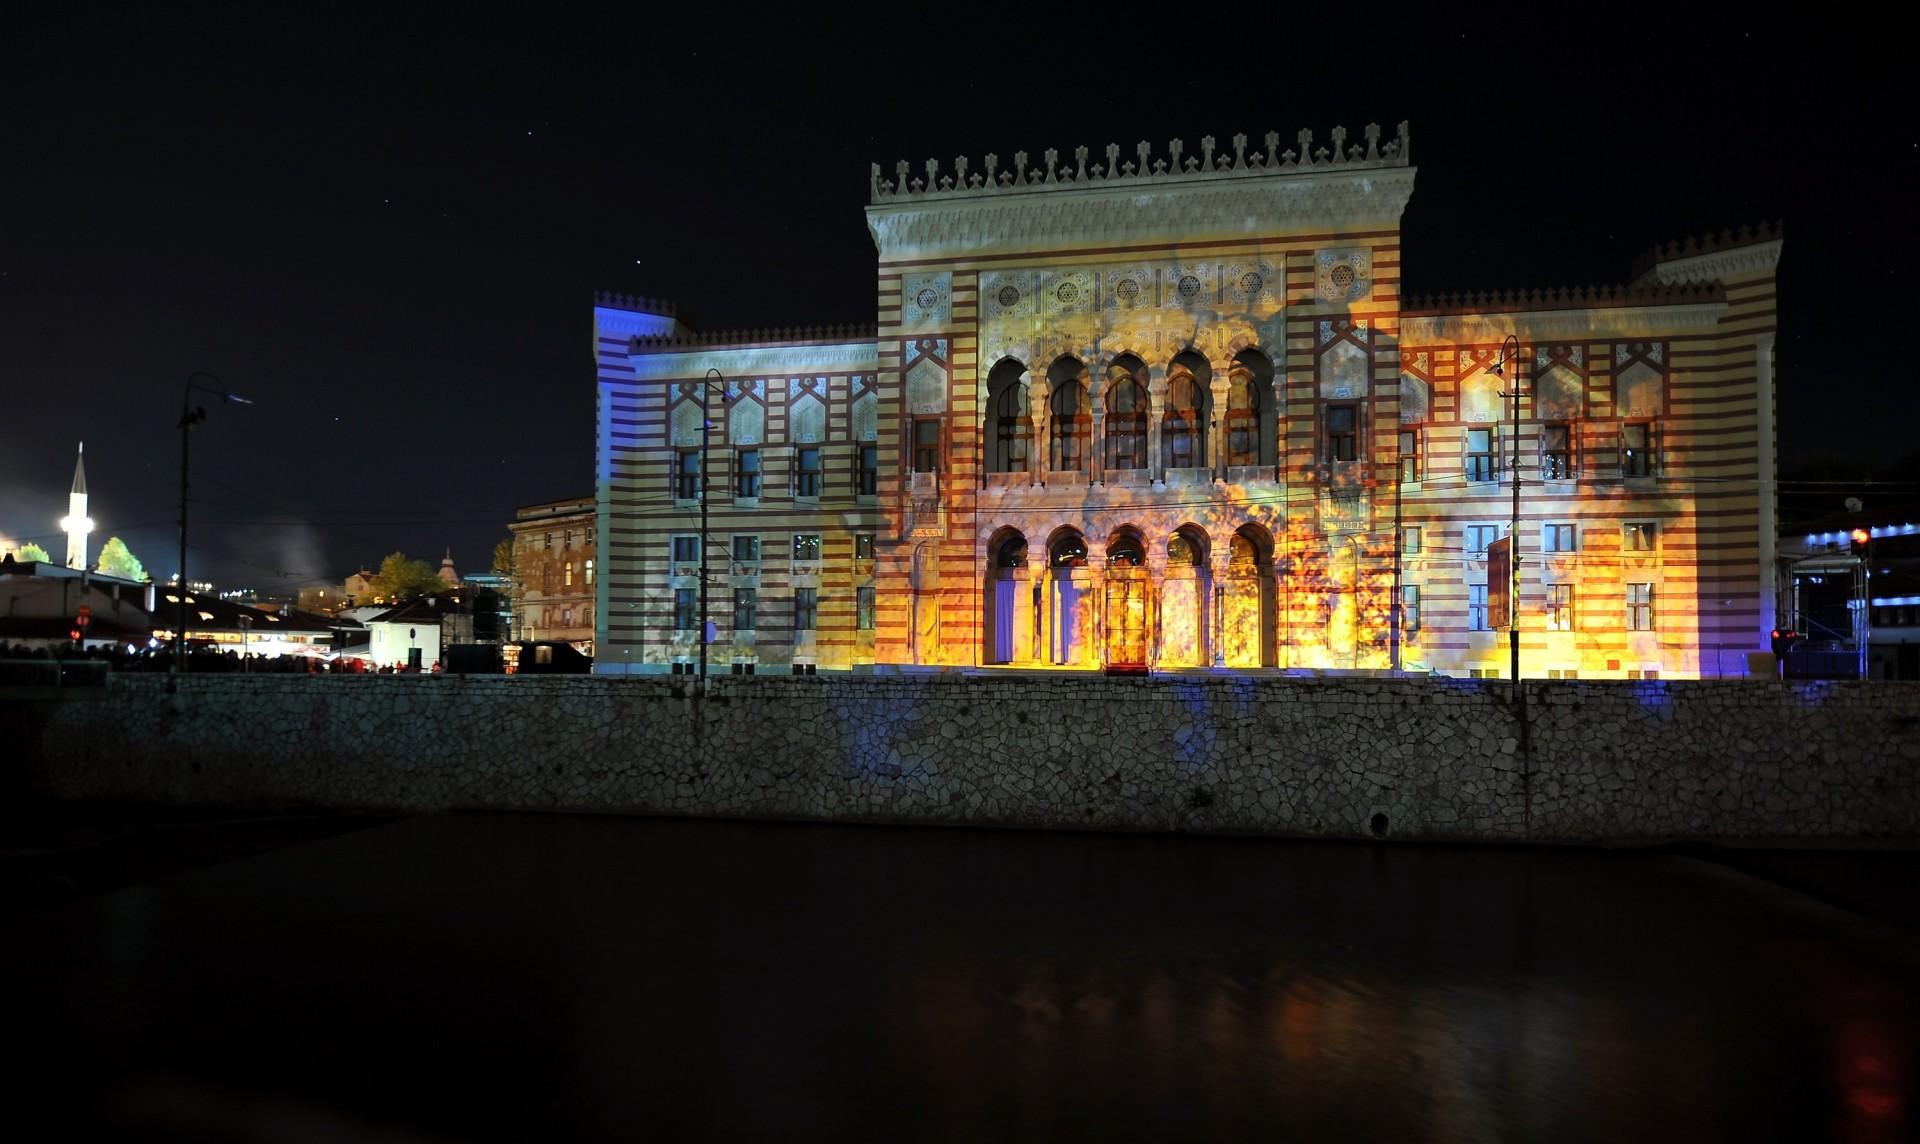 Giochi di luce sulla facciata della nuova Biblioteca di Sarajevo (Afp/Barukcic)